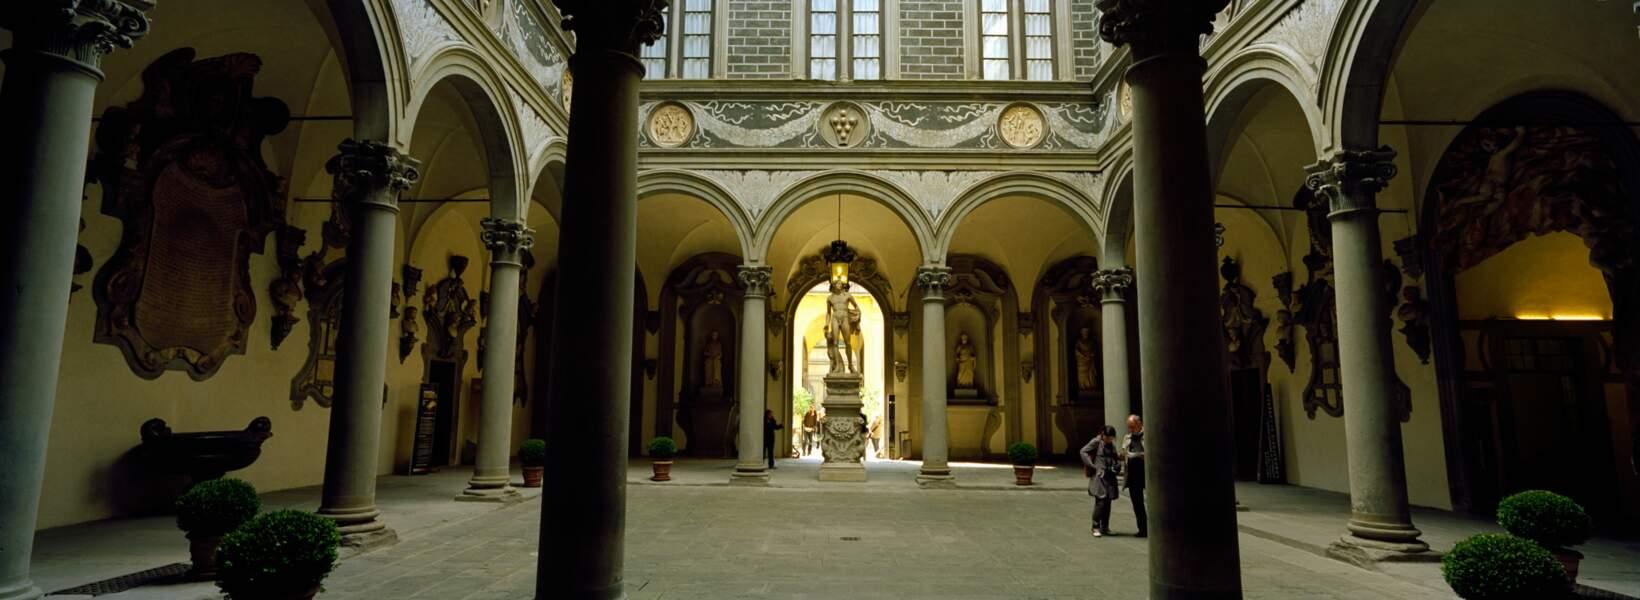 Palais Medici-Riccardi, le maître-édifice